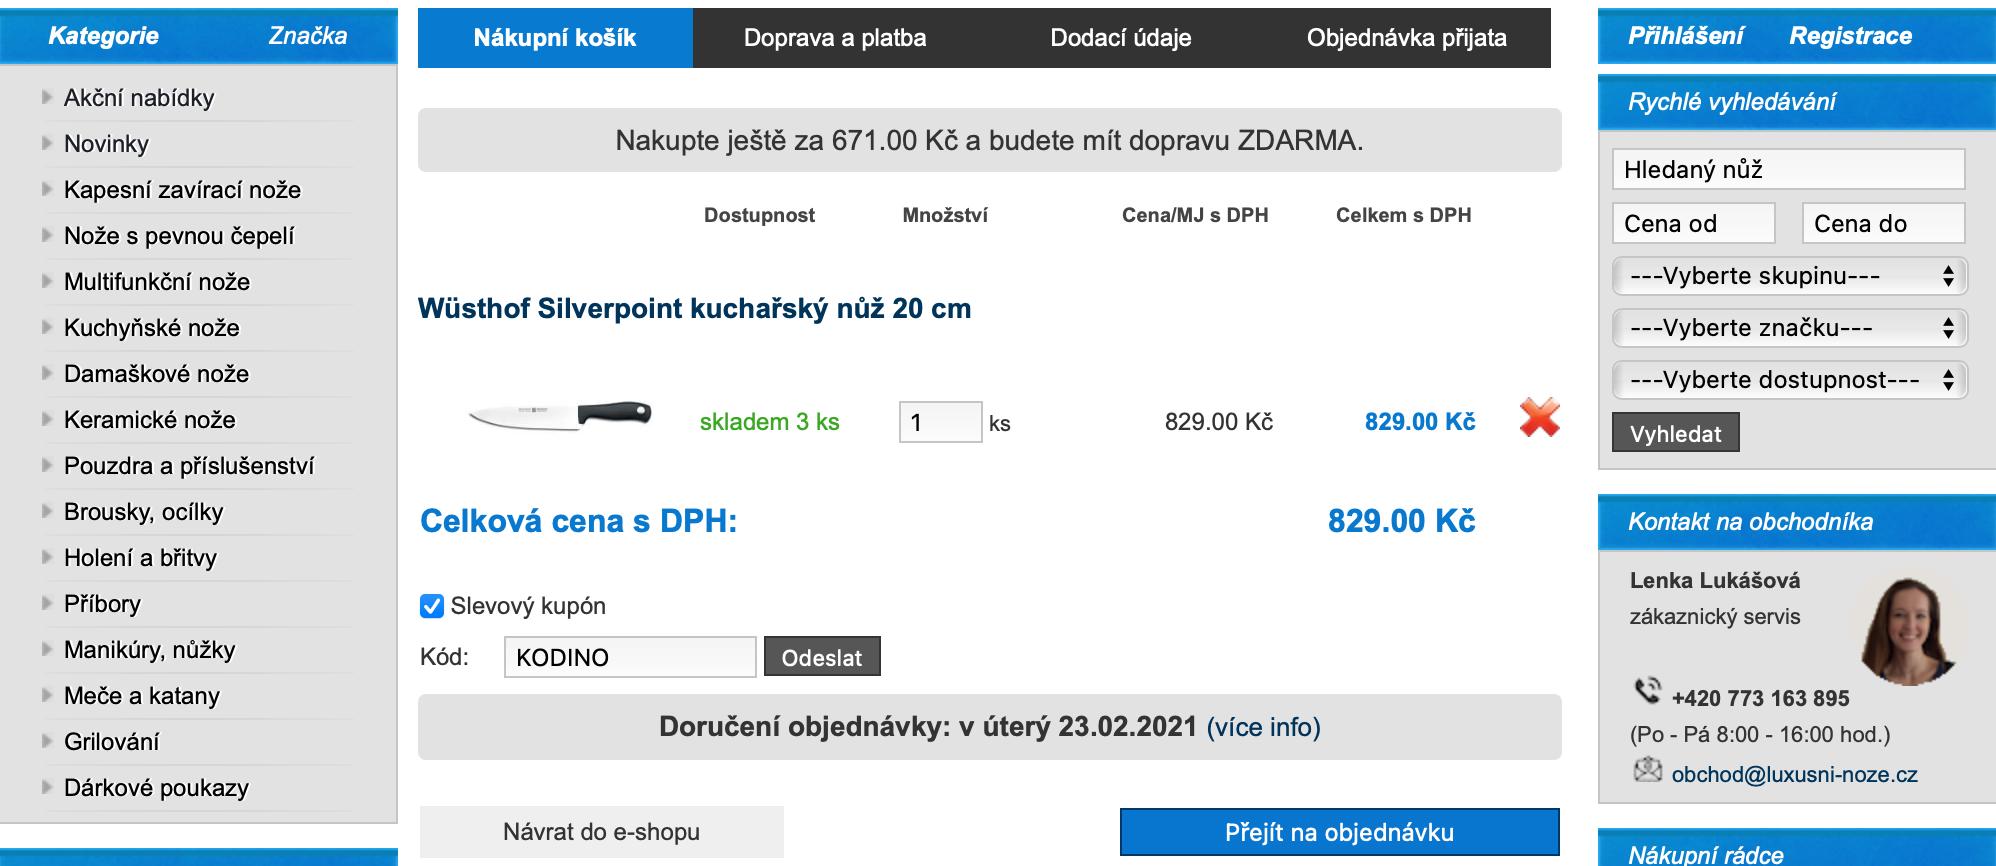 Luxusní-Nože.cz